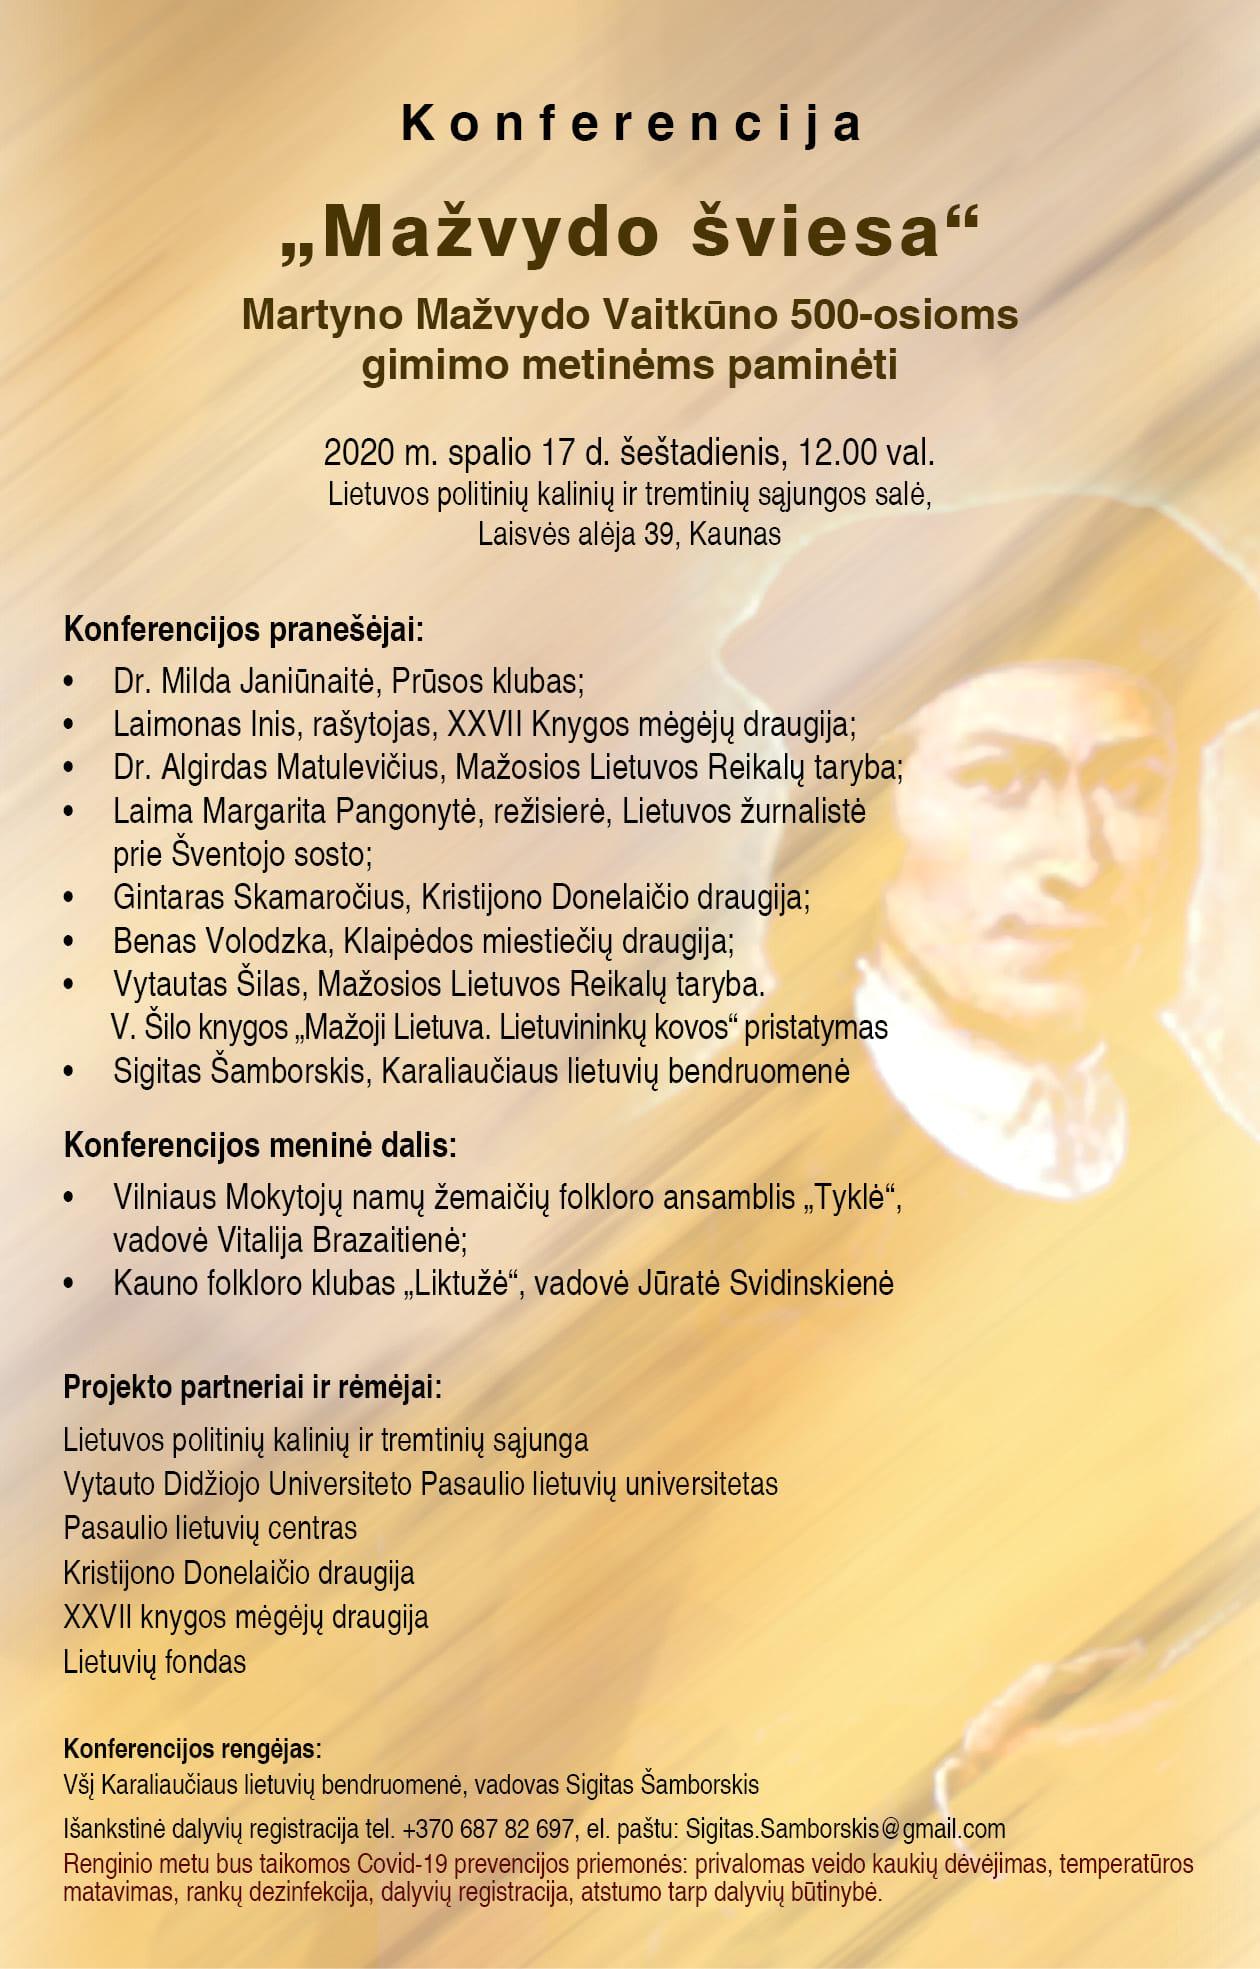 2020 10 17 Martynas Mažvydas